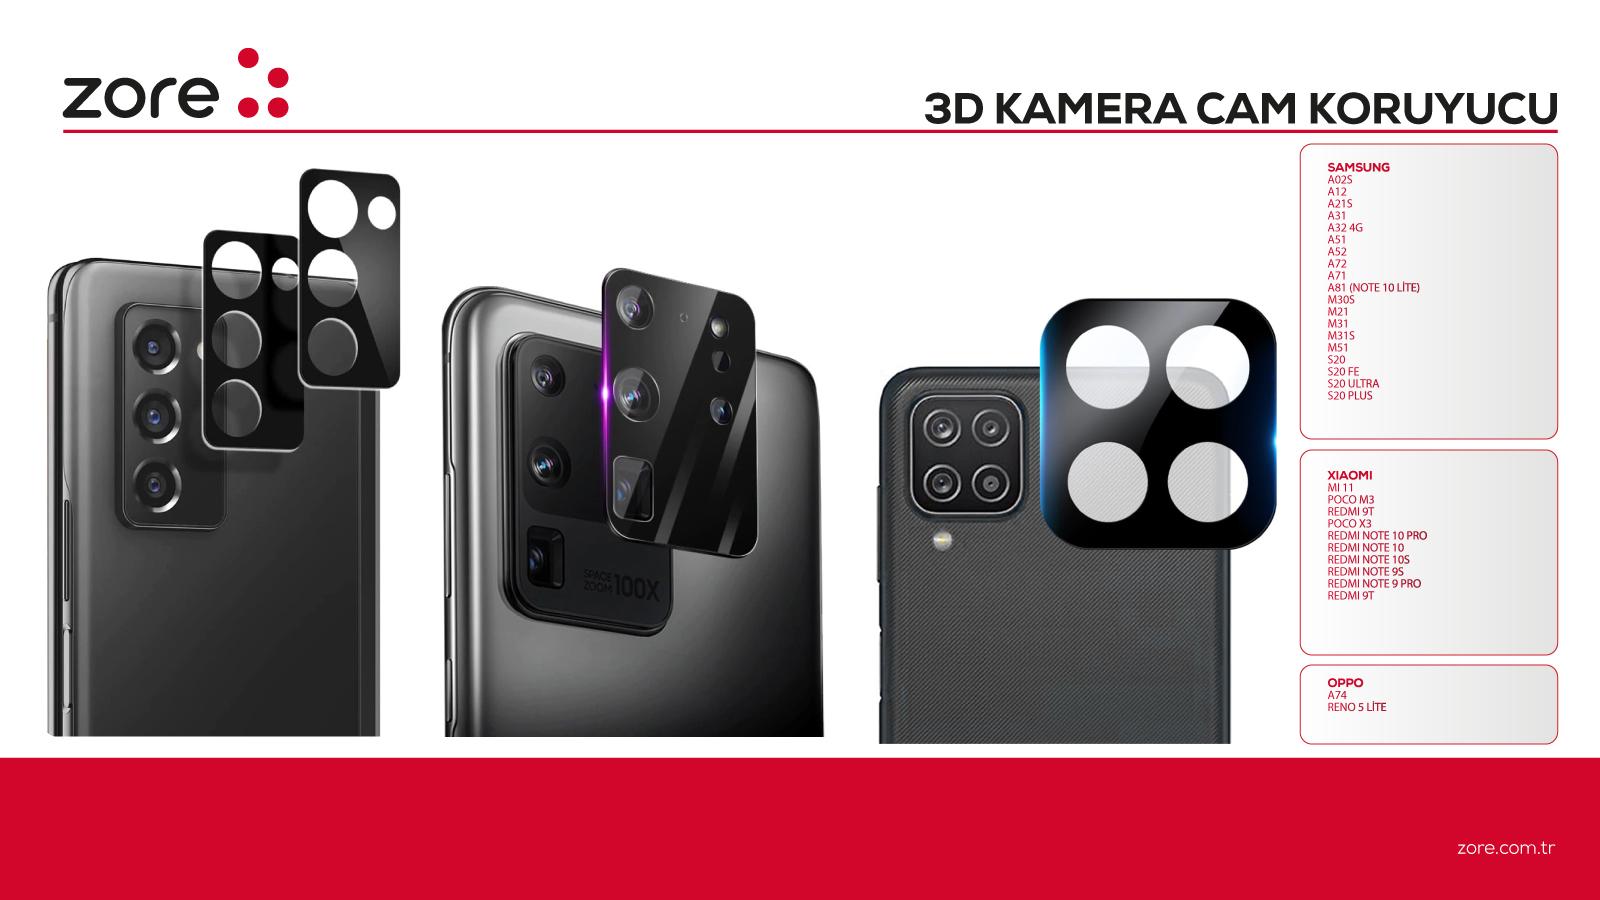 3d Kamera Cam Koruyucu.jpg (429 KB)